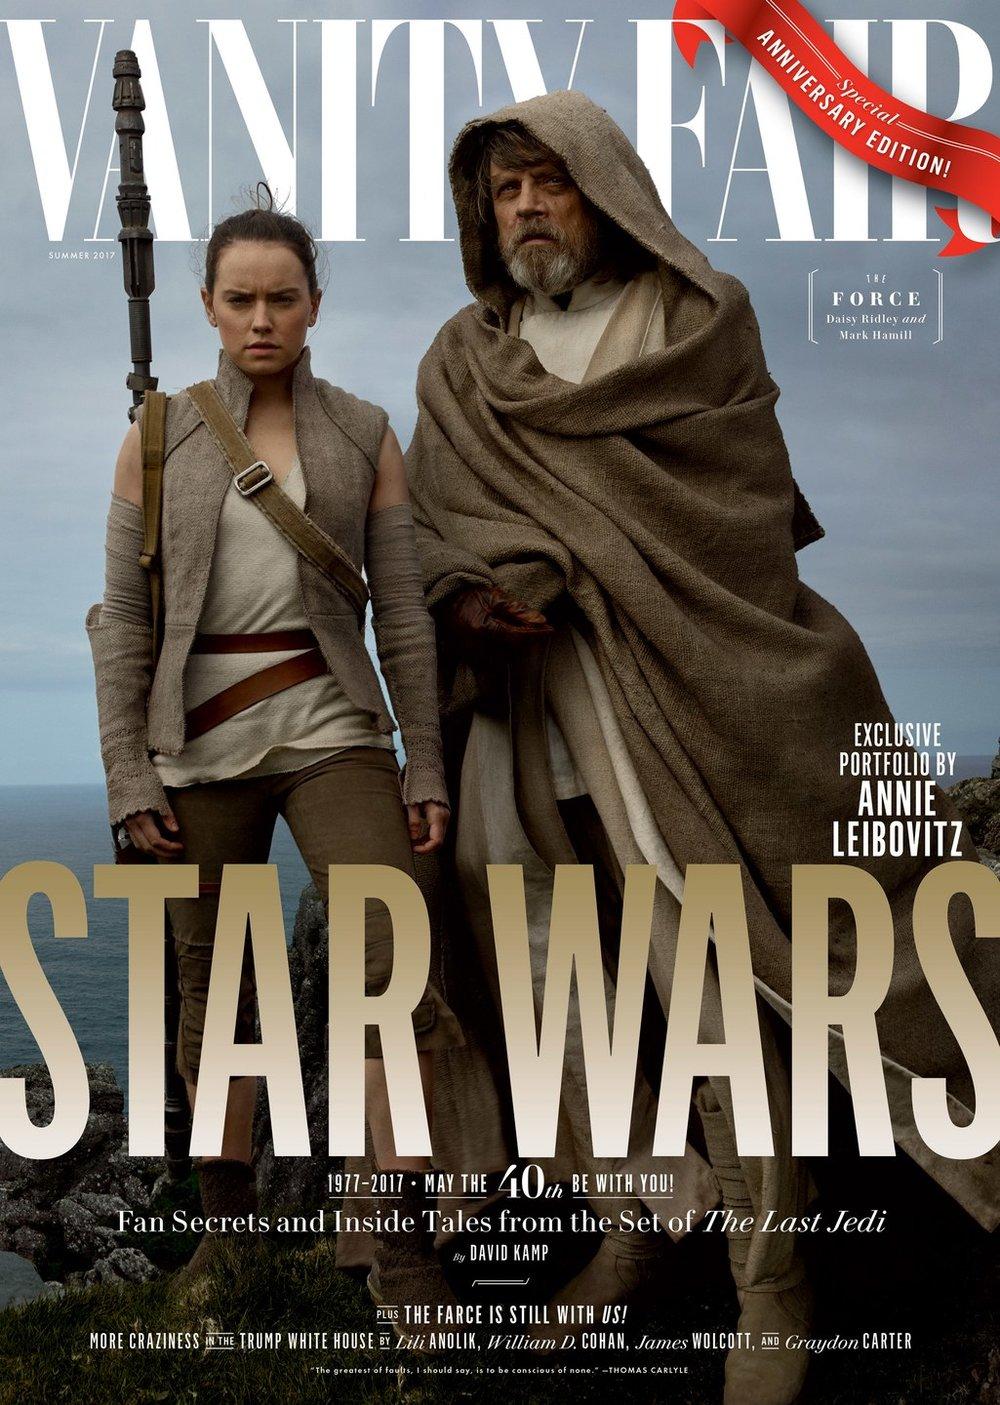 star-wars-cover-2017-VF-01.jpg